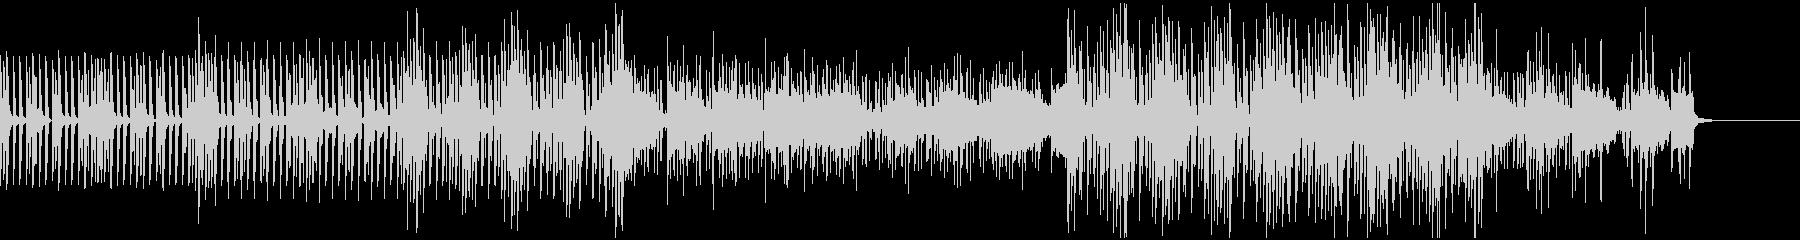 クールな作業系・ハウス・BGMの未再生の波形